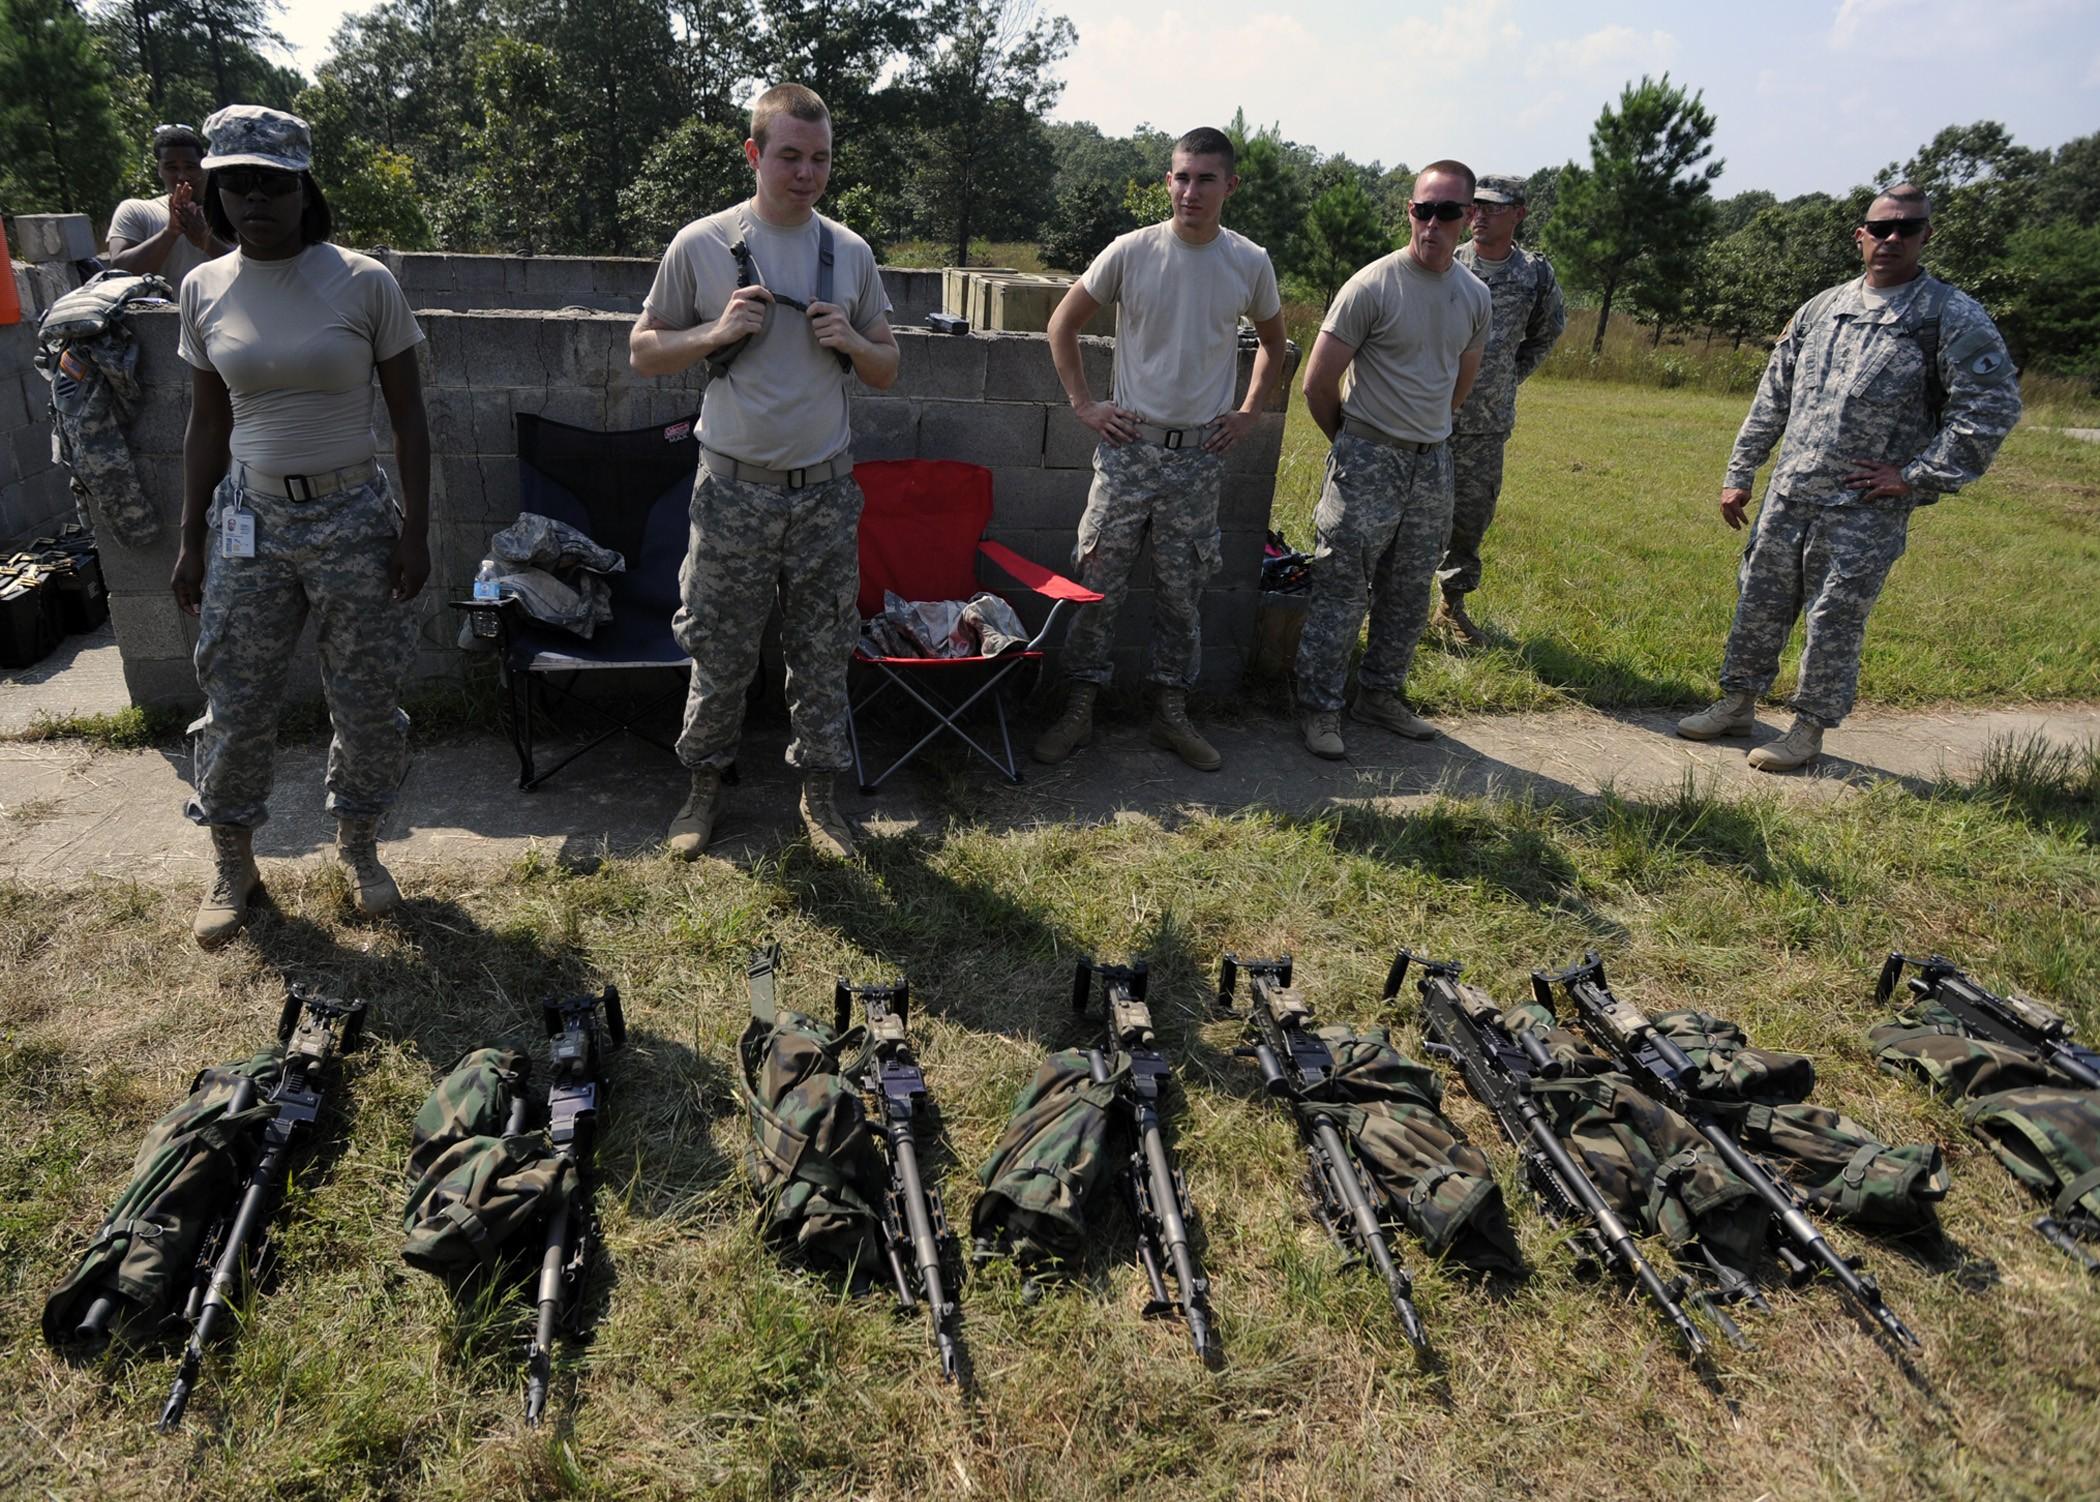 Combat Skills Combat Skills at A.p Hill